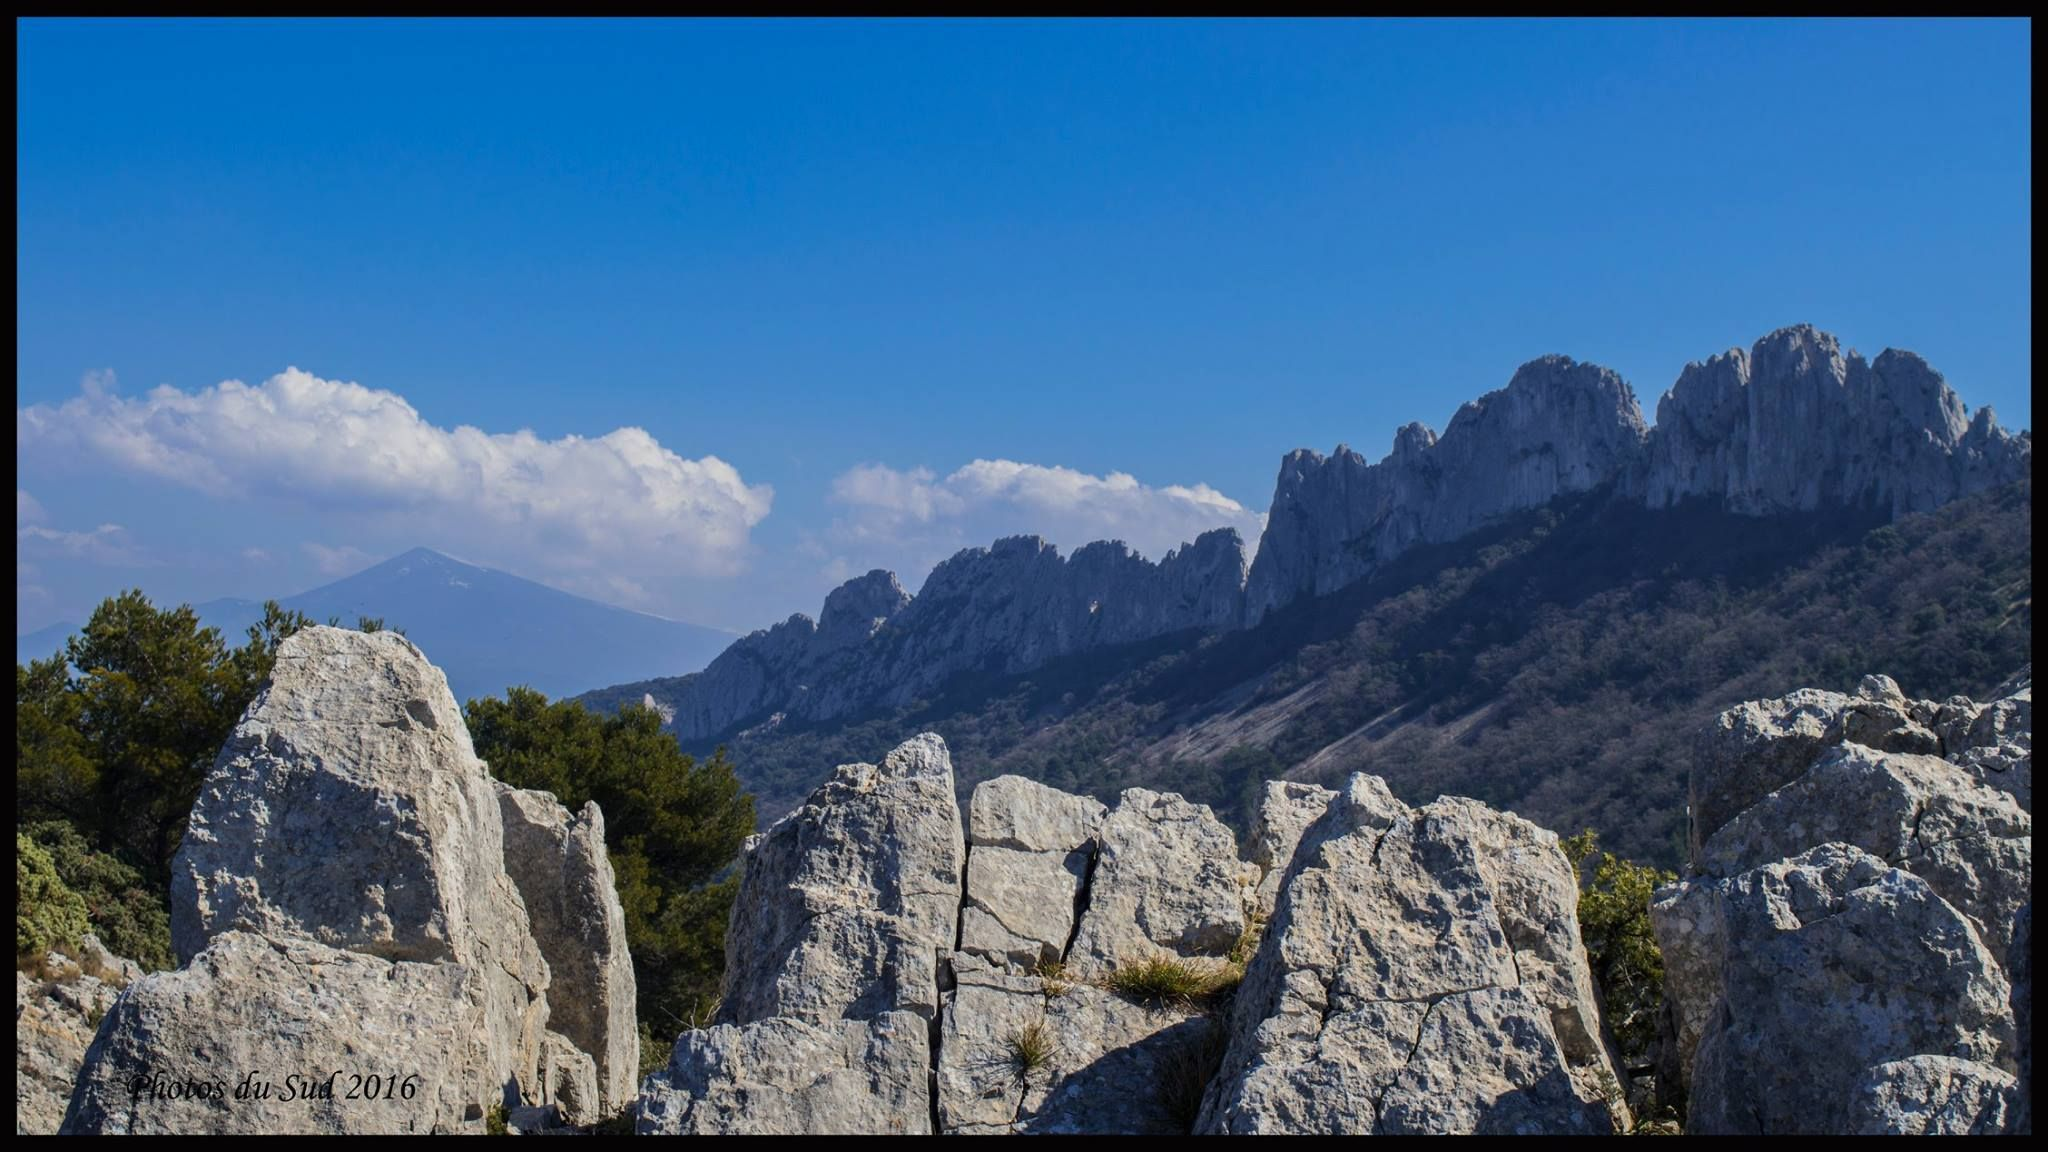 Les dentelles de Montmirail met de Ventoux op de achtergrond (© Photos du Sud)